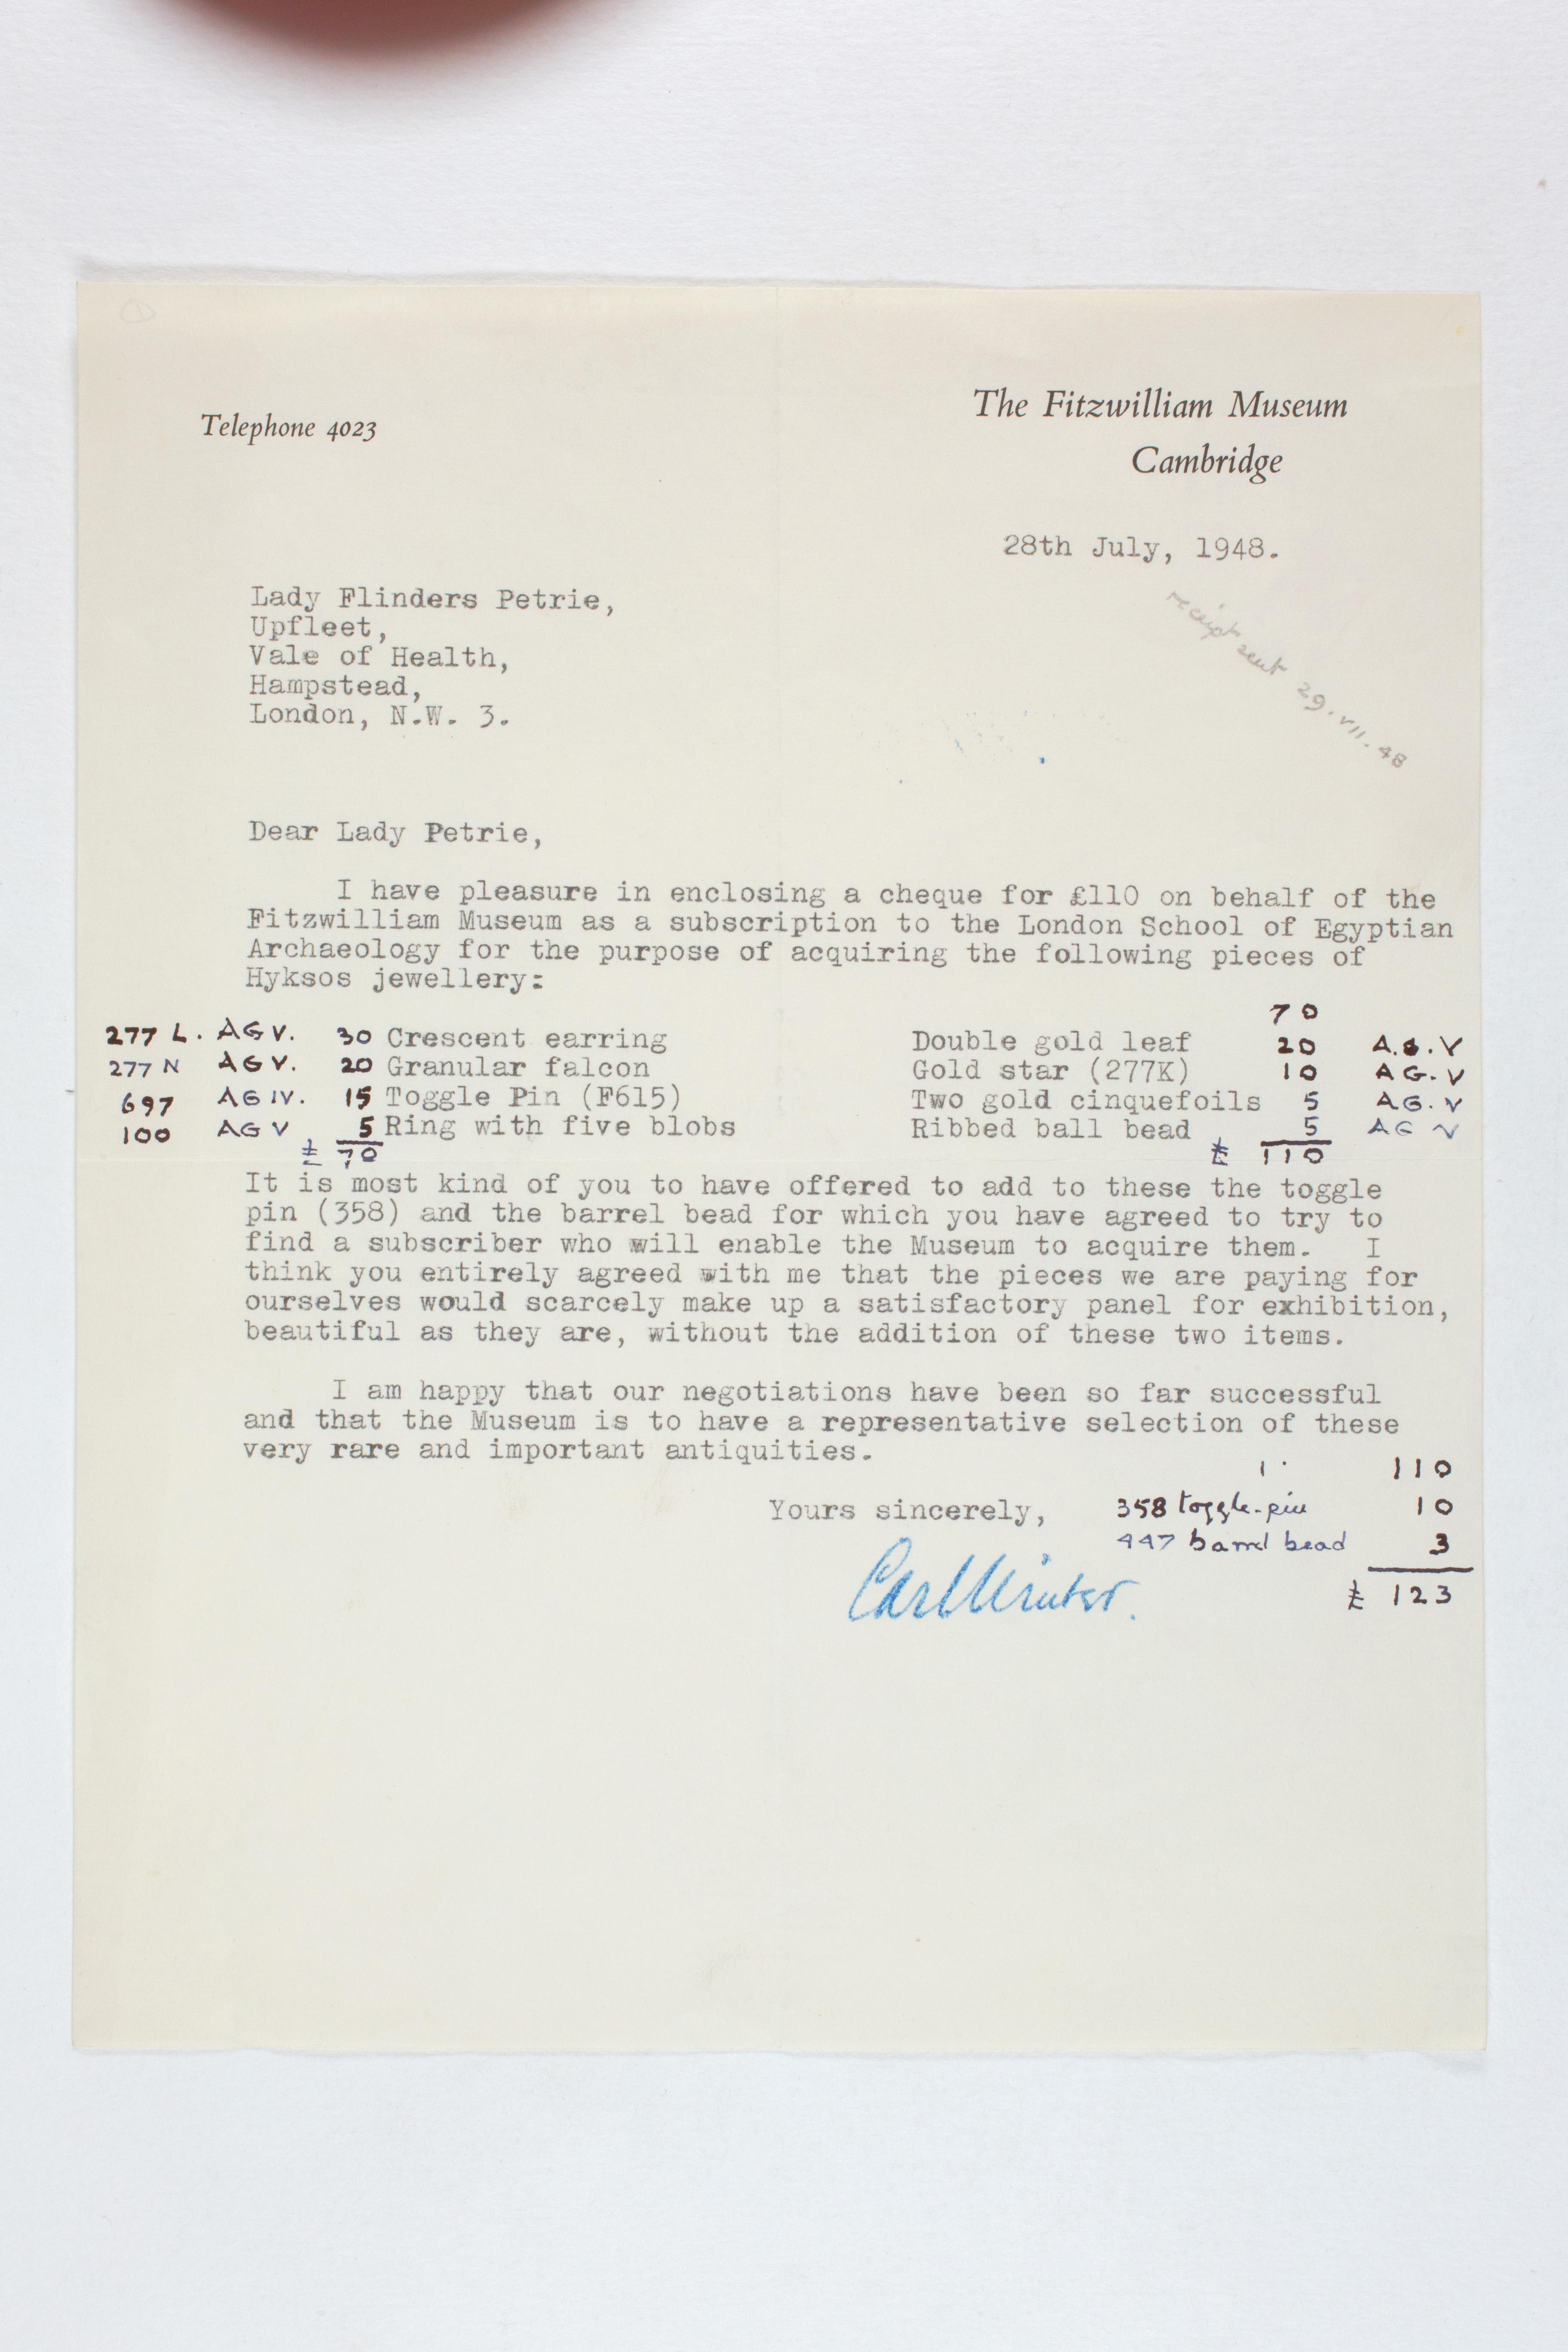 1931-50 Reserve correspondence Correspondence PMA/WFP1/D/32/1